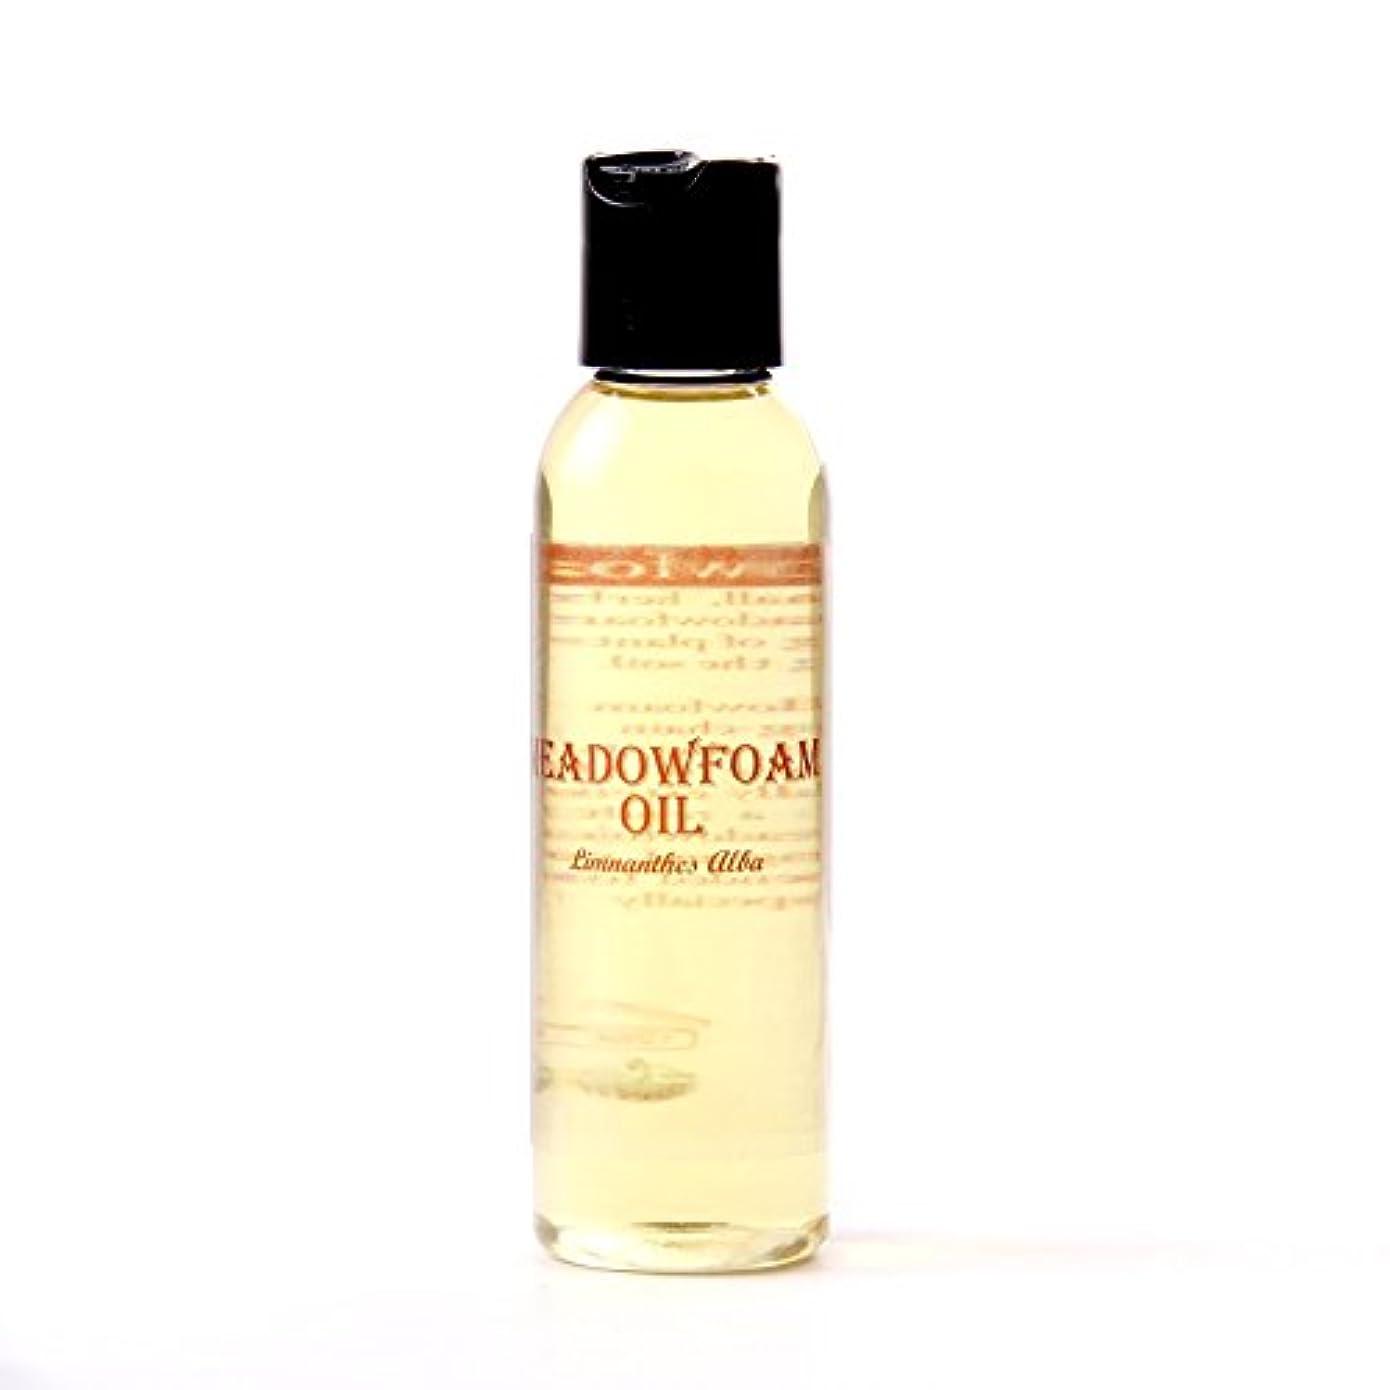 革新革新キャンベラMystic Moments | Meadowfoam Carrier Oil - 250ml - 100% Pure